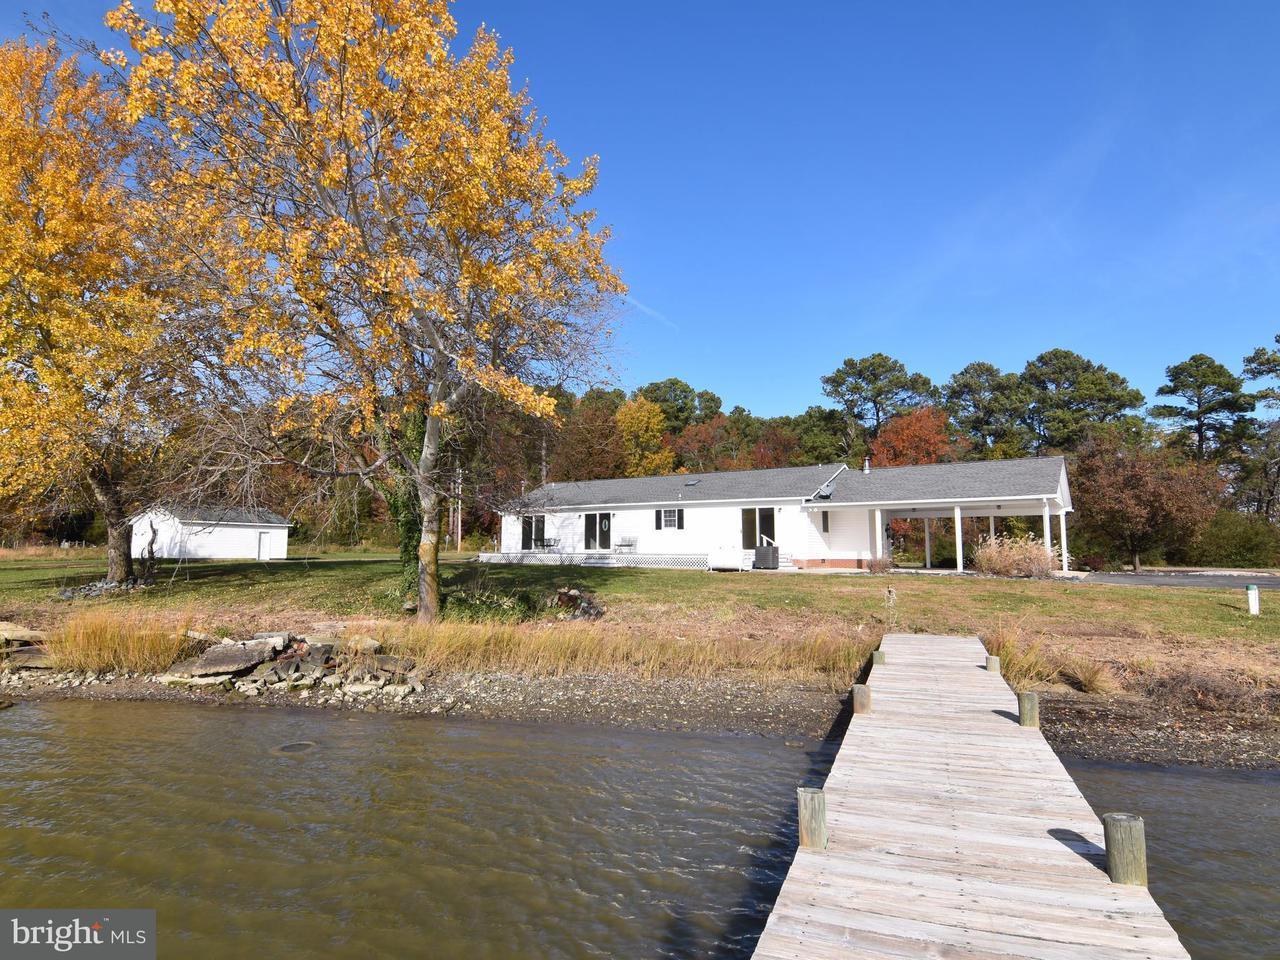 Casa Unifamiliar por un Venta en 49695 FREEMANS Road 49695 FREEMANS Road Dameron, Maryland 20628 Estados Unidos